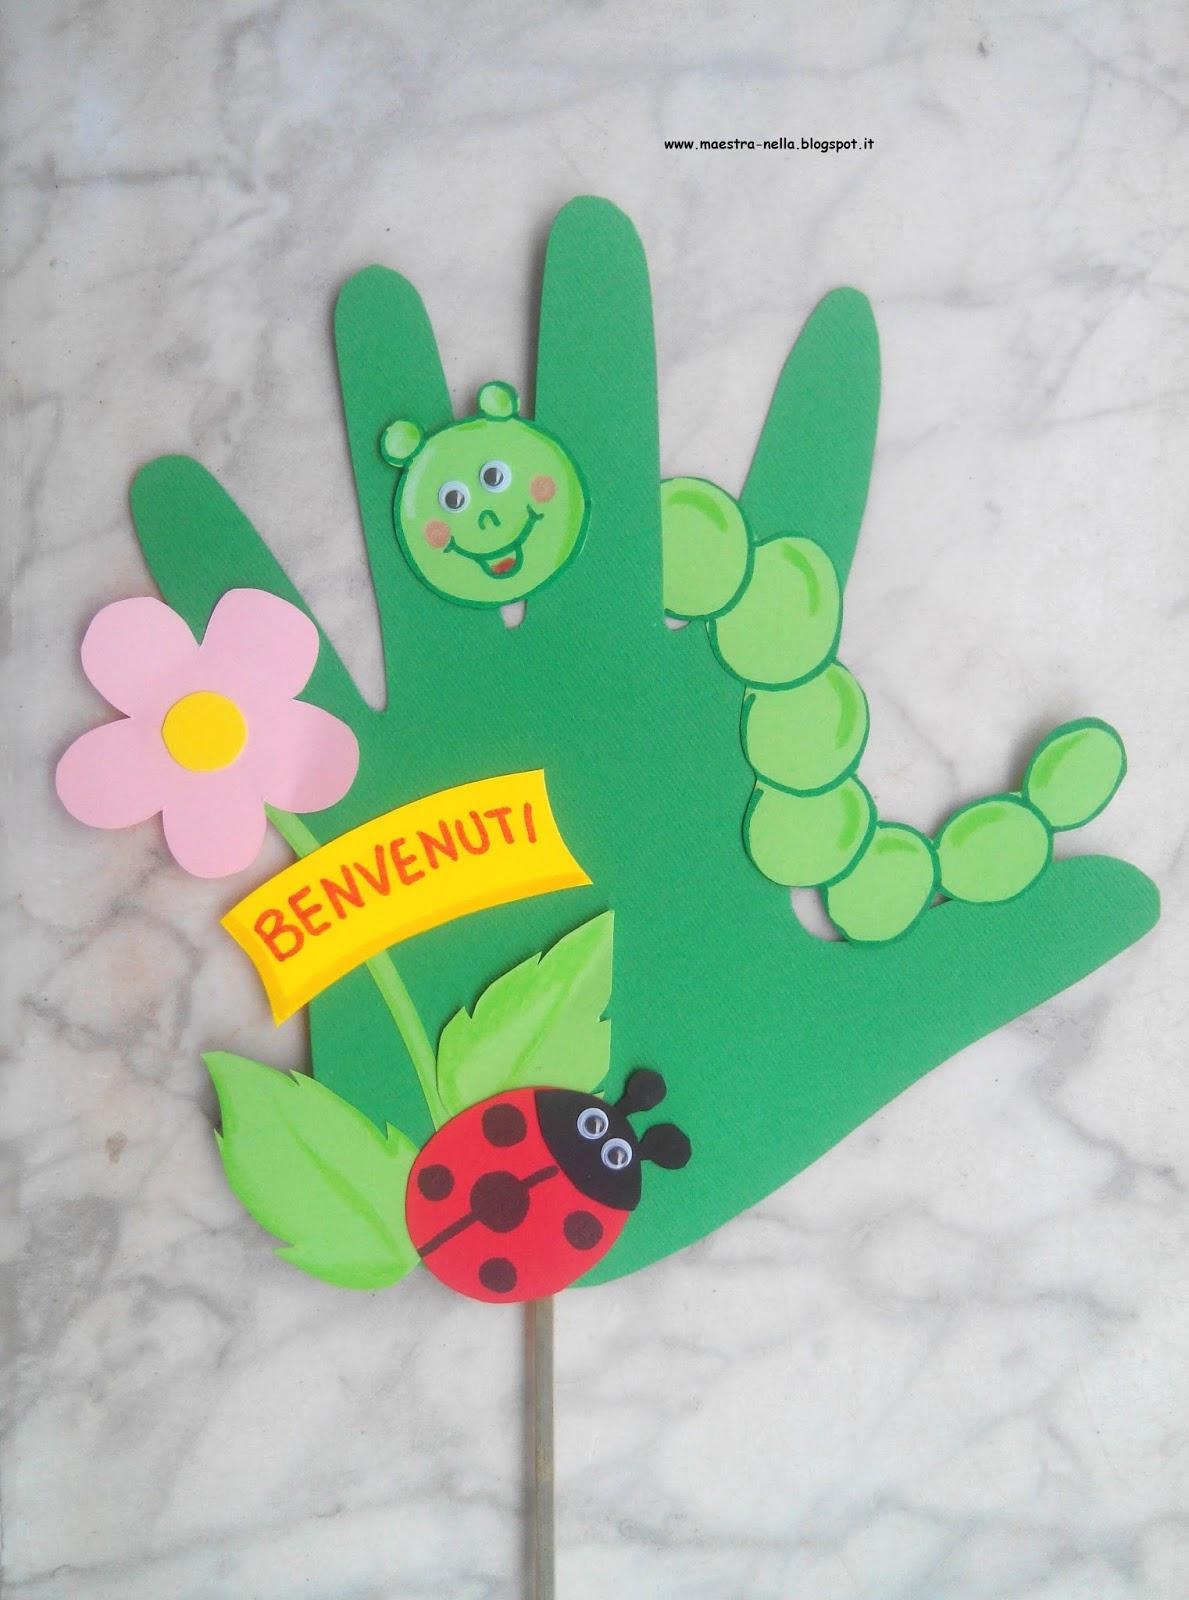 Maestra nella con le mani for Maestra infanzia